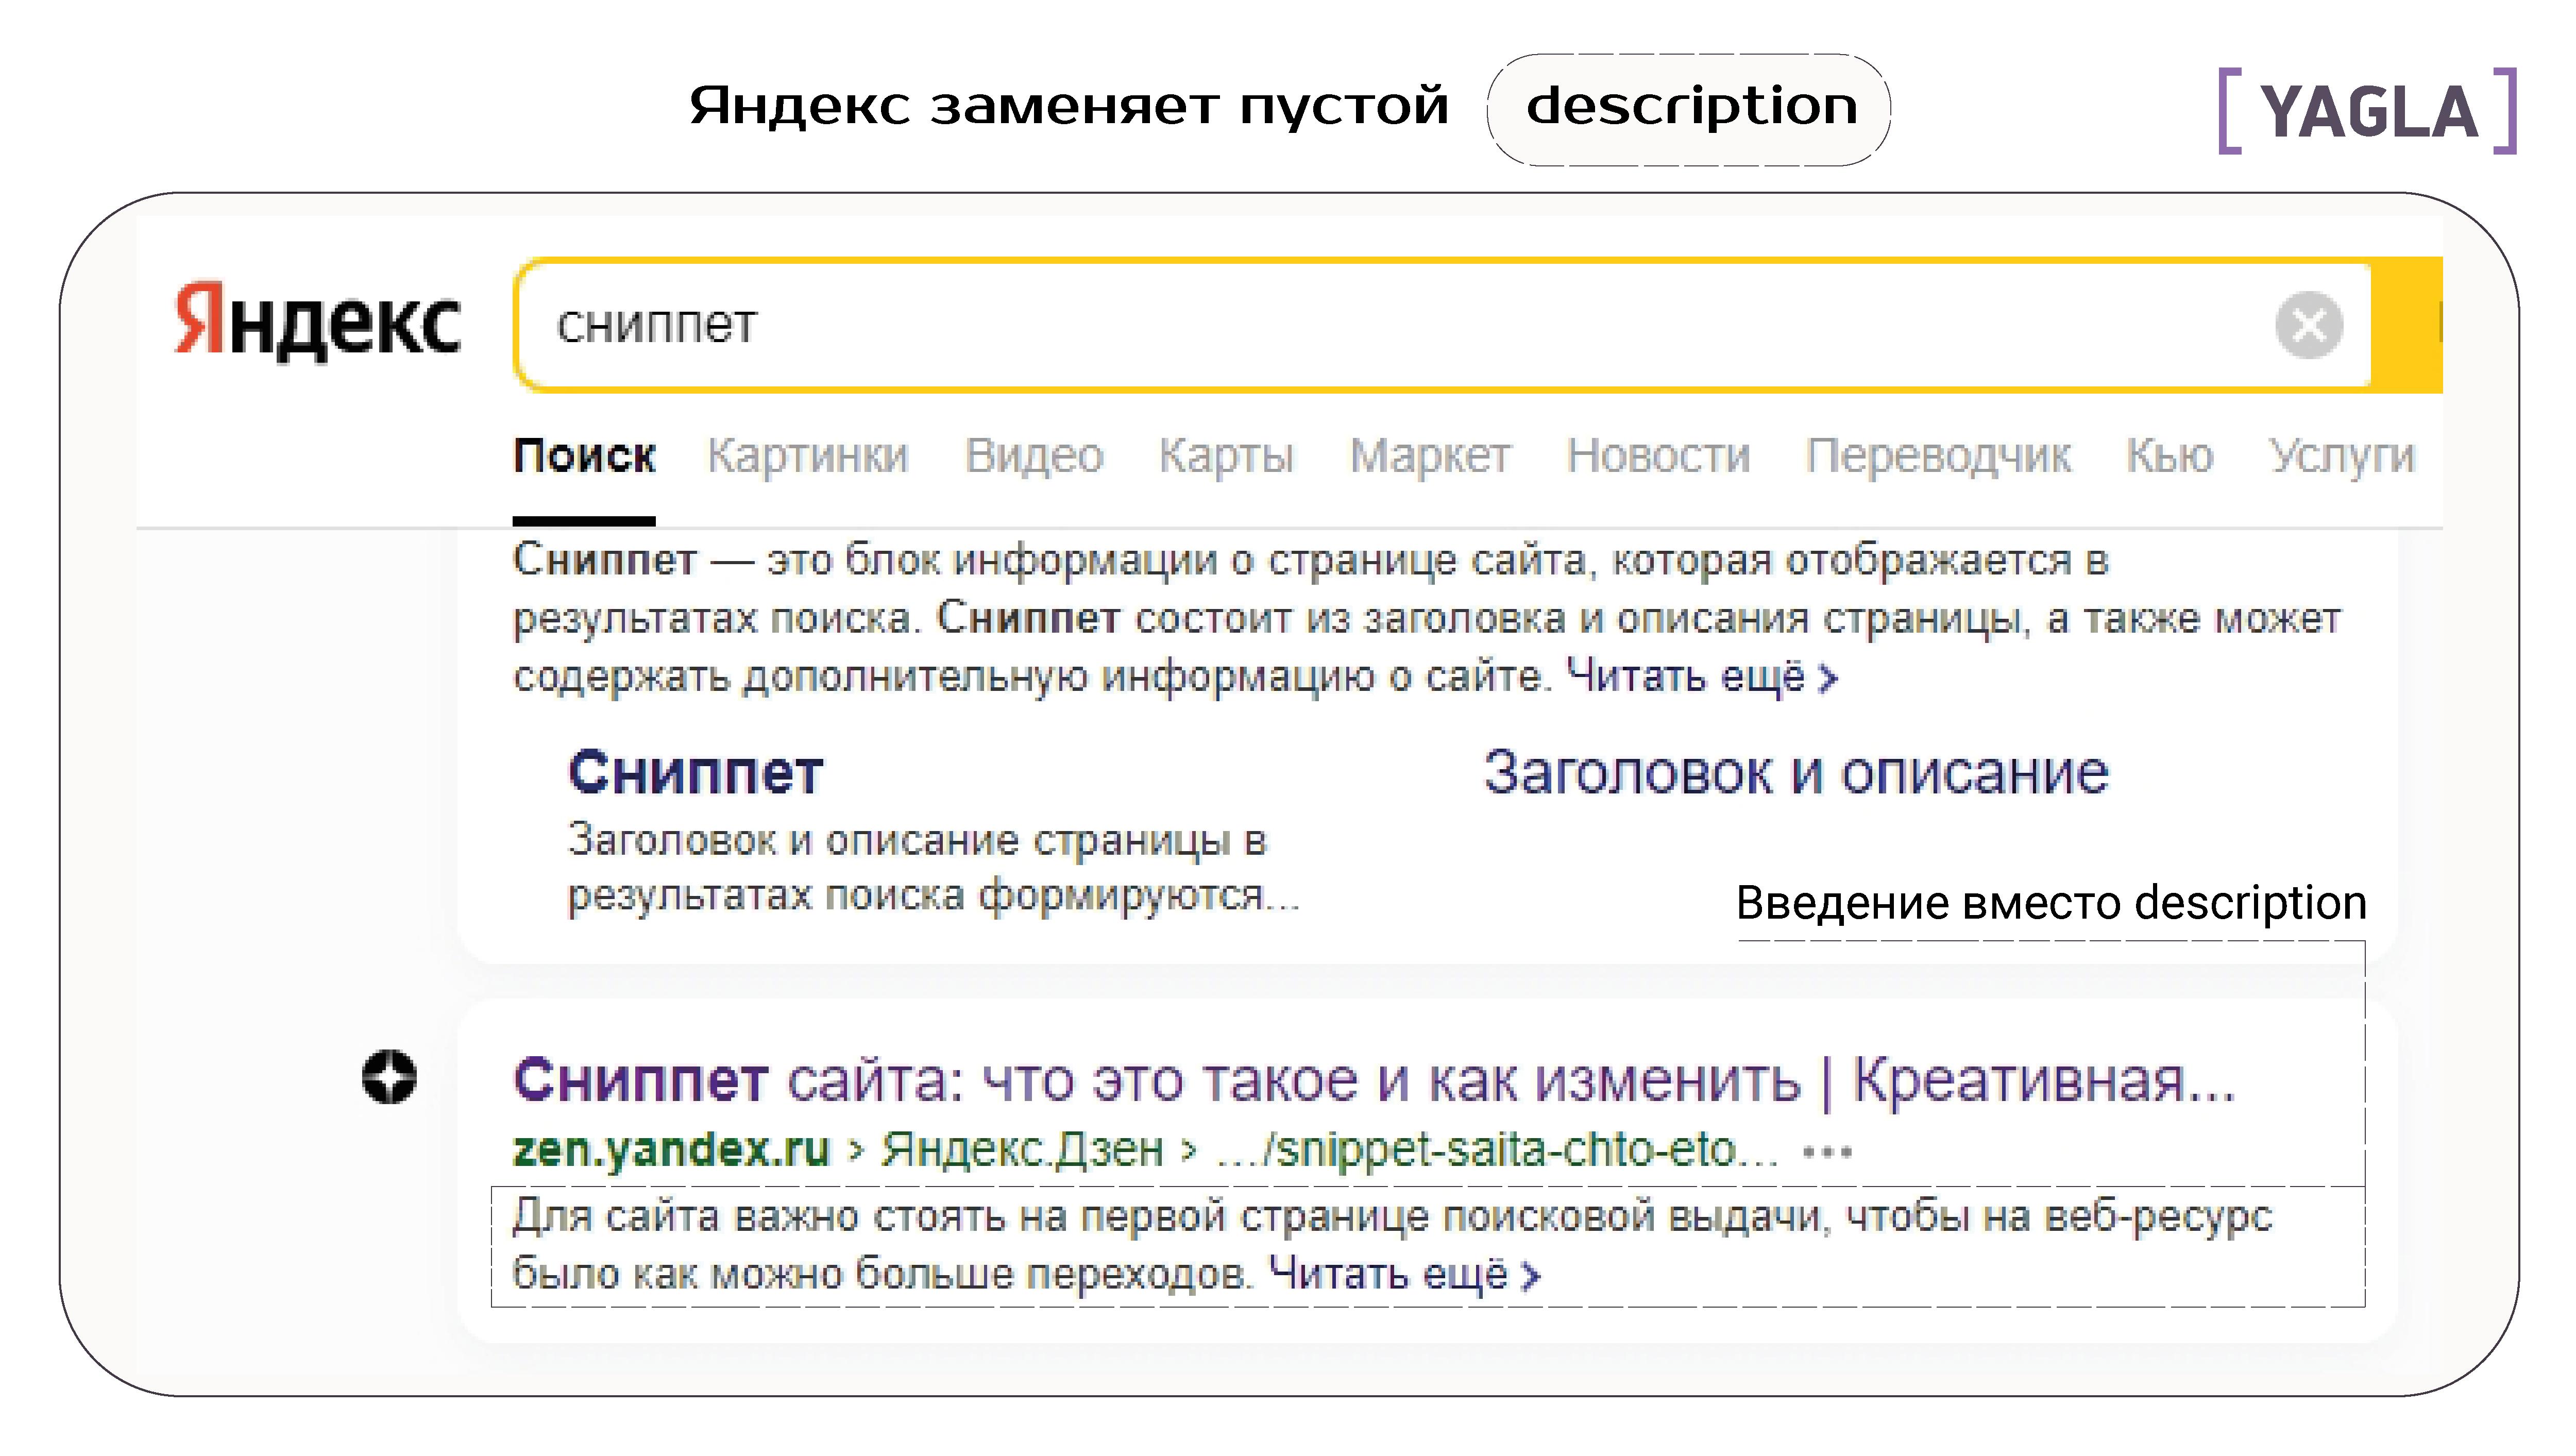 Яндекс заменяет пустой дескрипшен